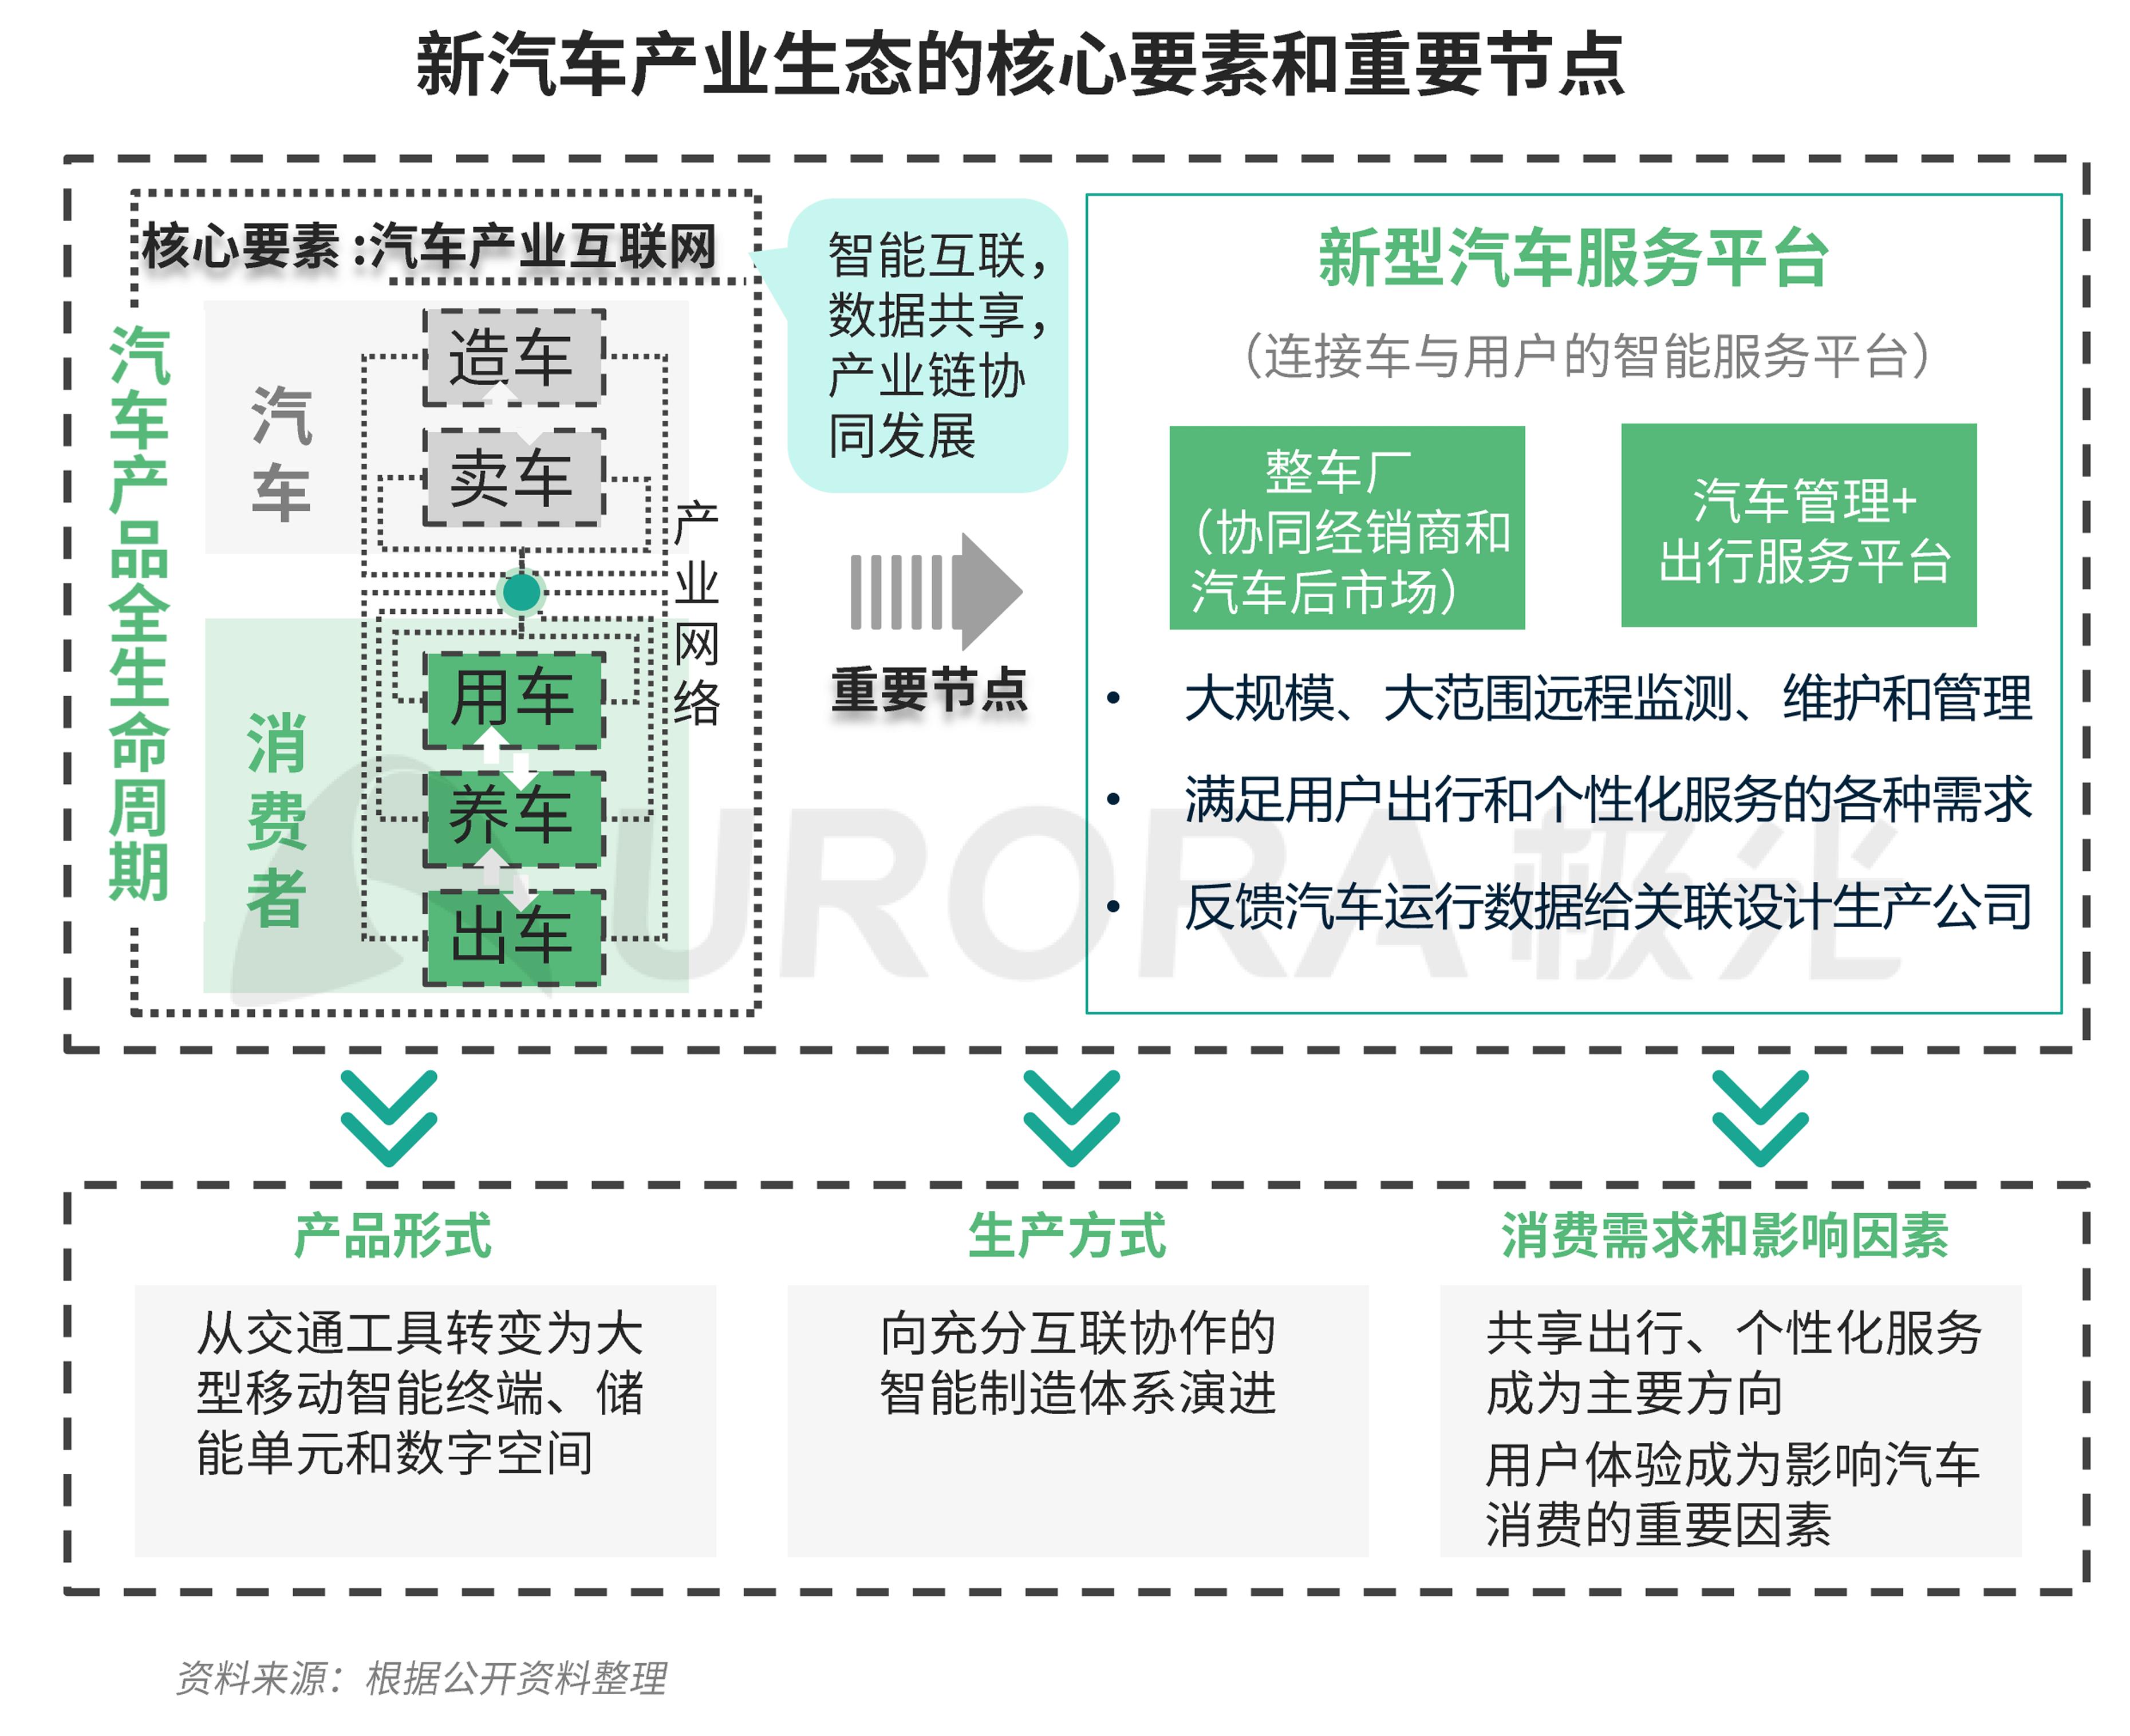 极光:汽车产业新格局 (15).png